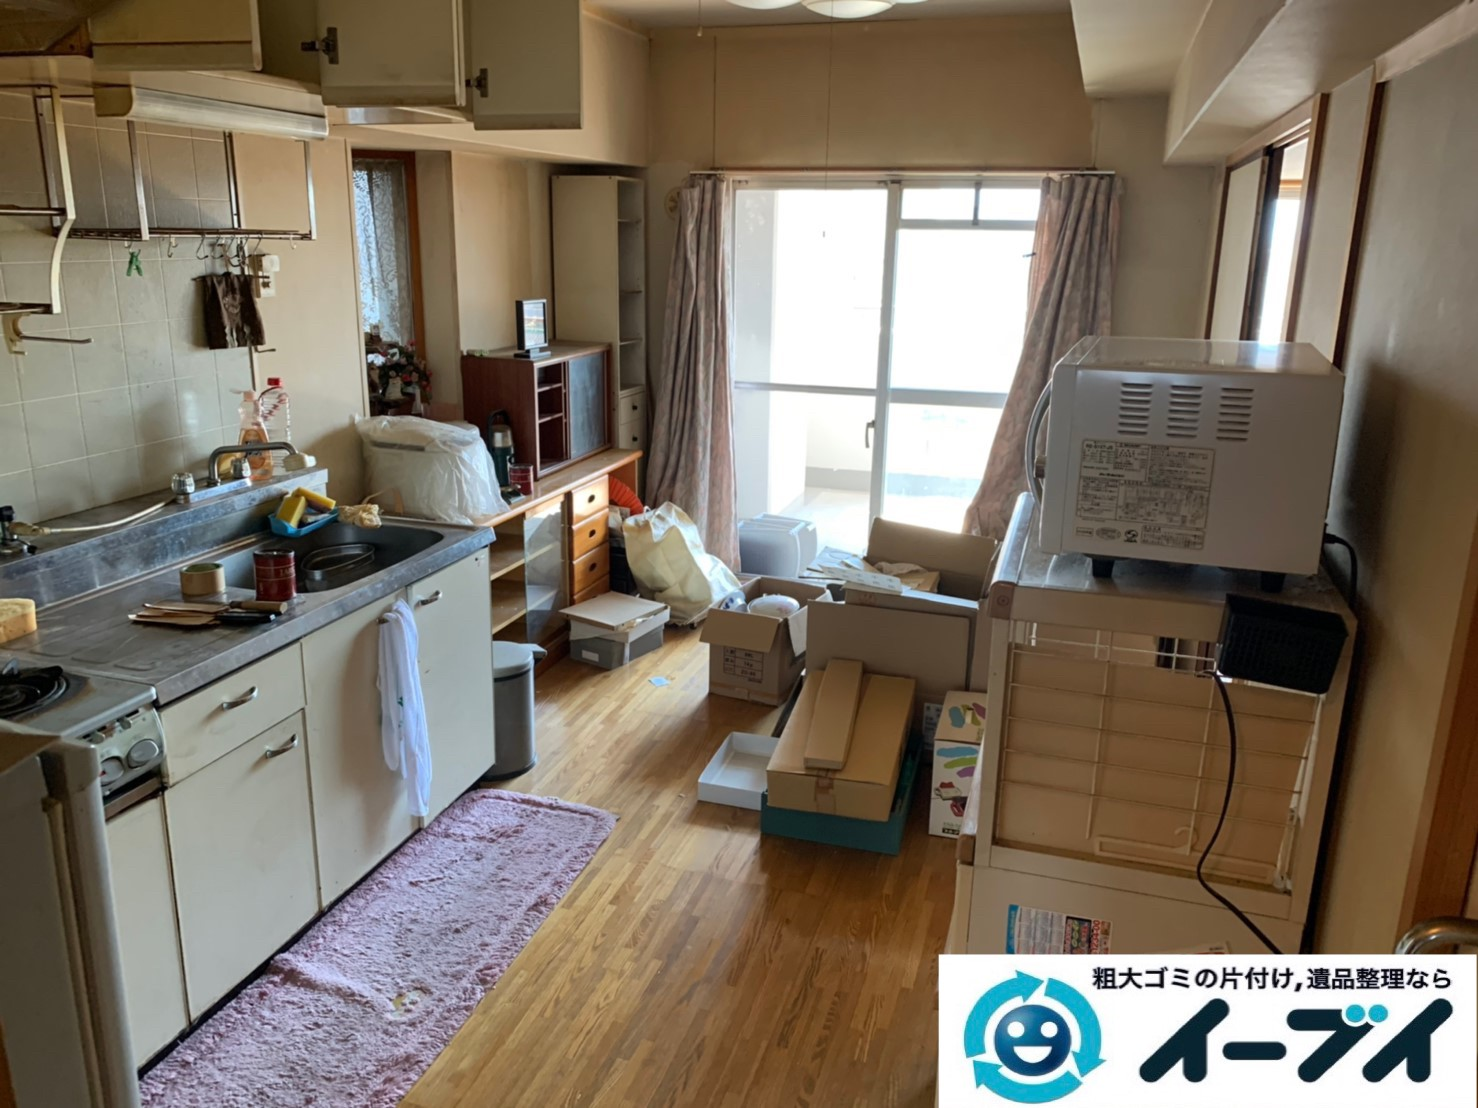 2019年10月15日大阪府守口市でタンスや本棚の家具処分、電子レンジやトースターの家電処分の不用品回収。写真3